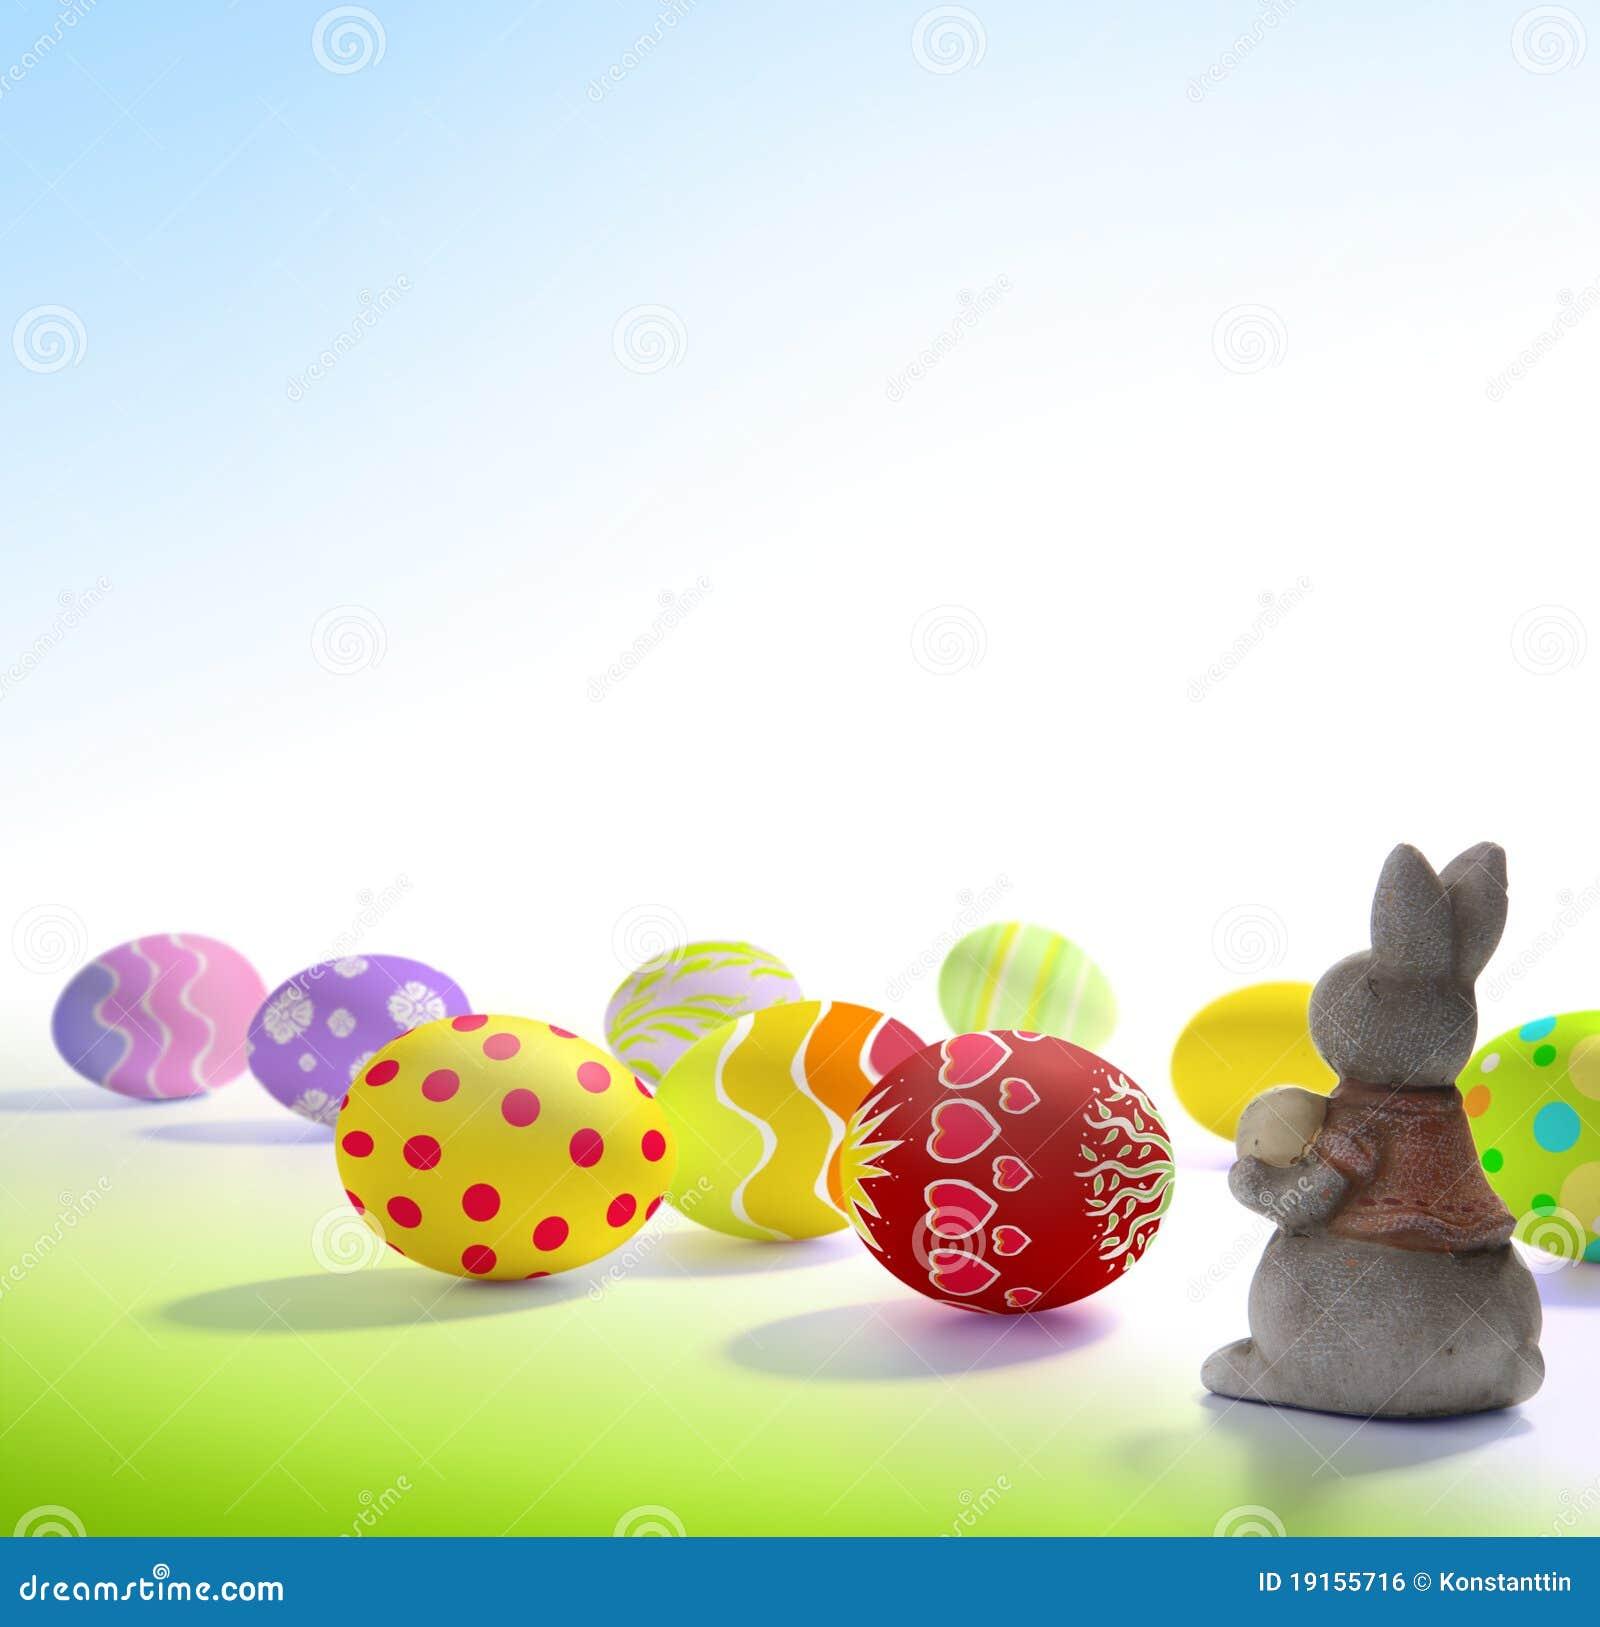 Schöne Ostern Grüße Stockfoto Bild Von Lack Eier Wiese 19155716